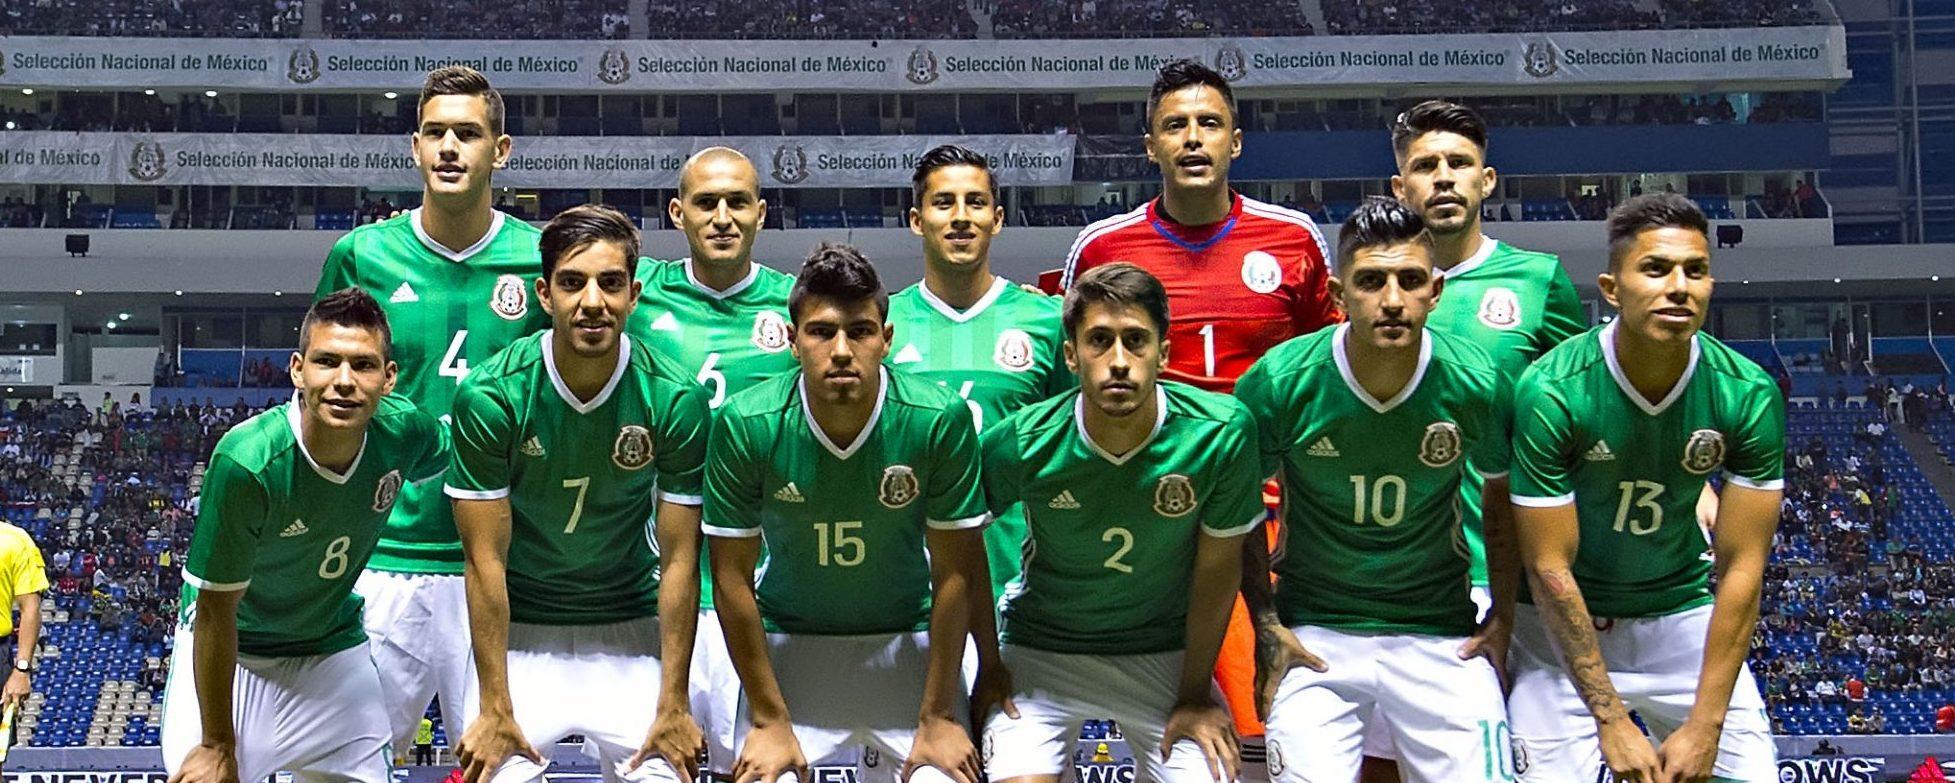 Selección mexicana de futbol se despide de medalla de oro en Río ... 2ae20b9bfec97